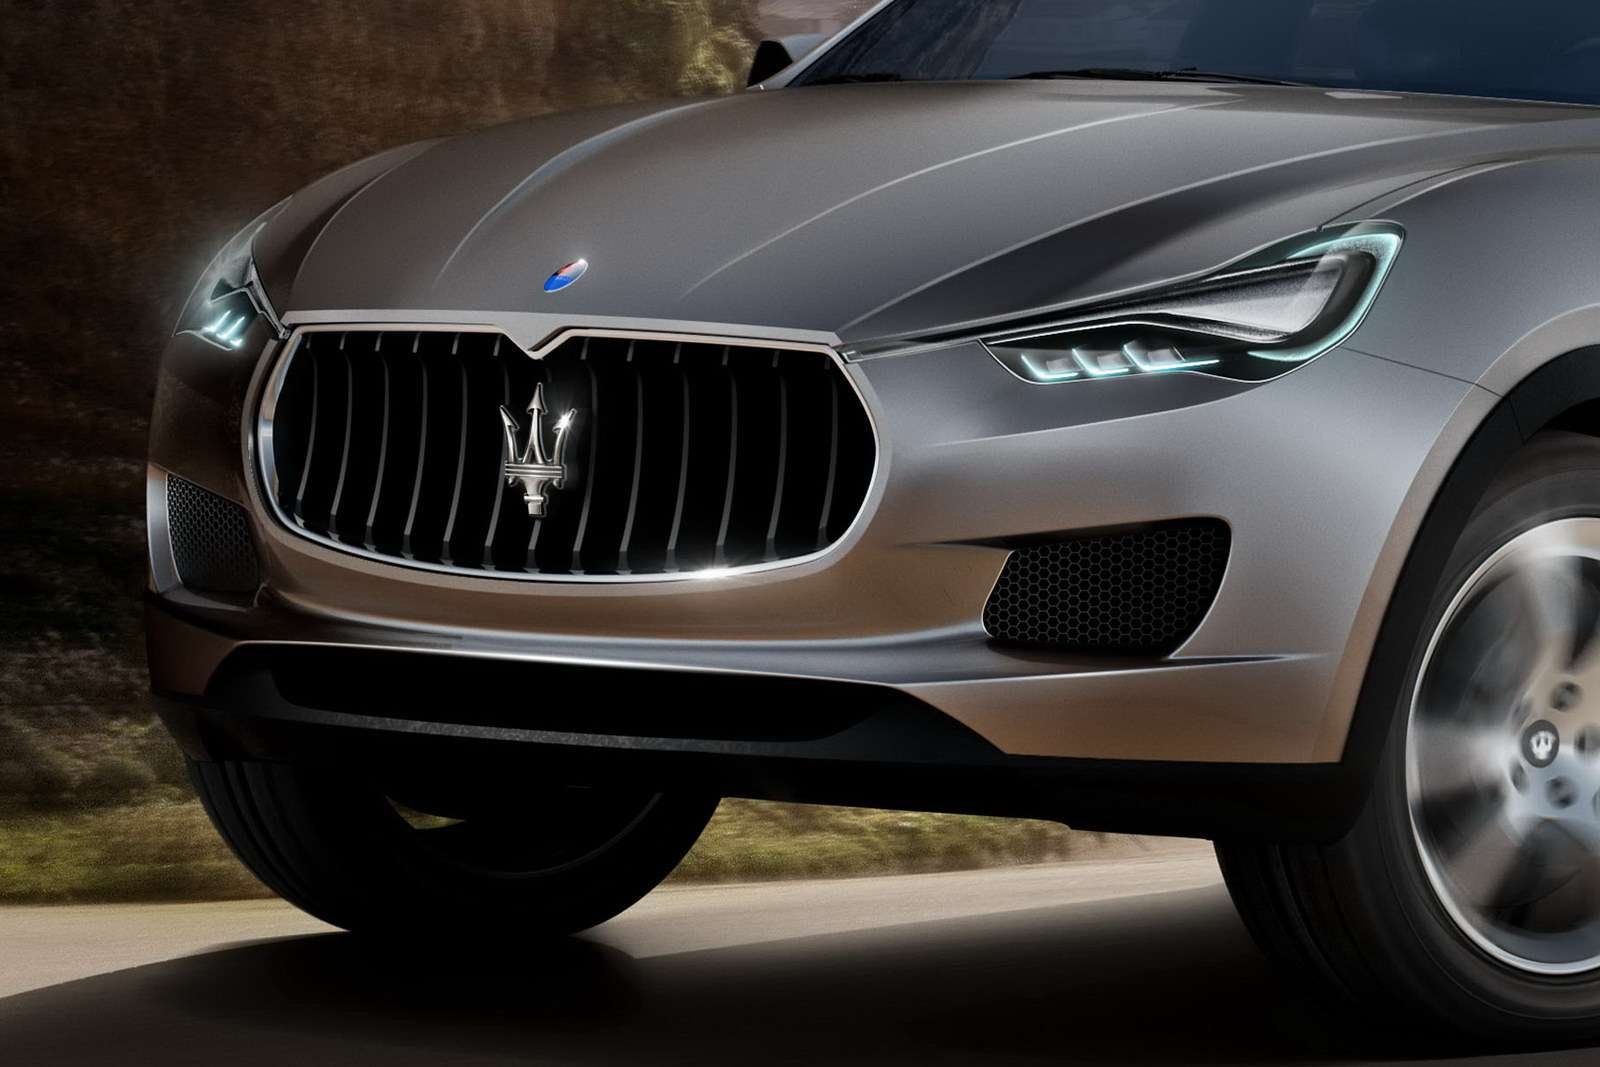 Maserati Kubang SUV first photo wrzesien 2011